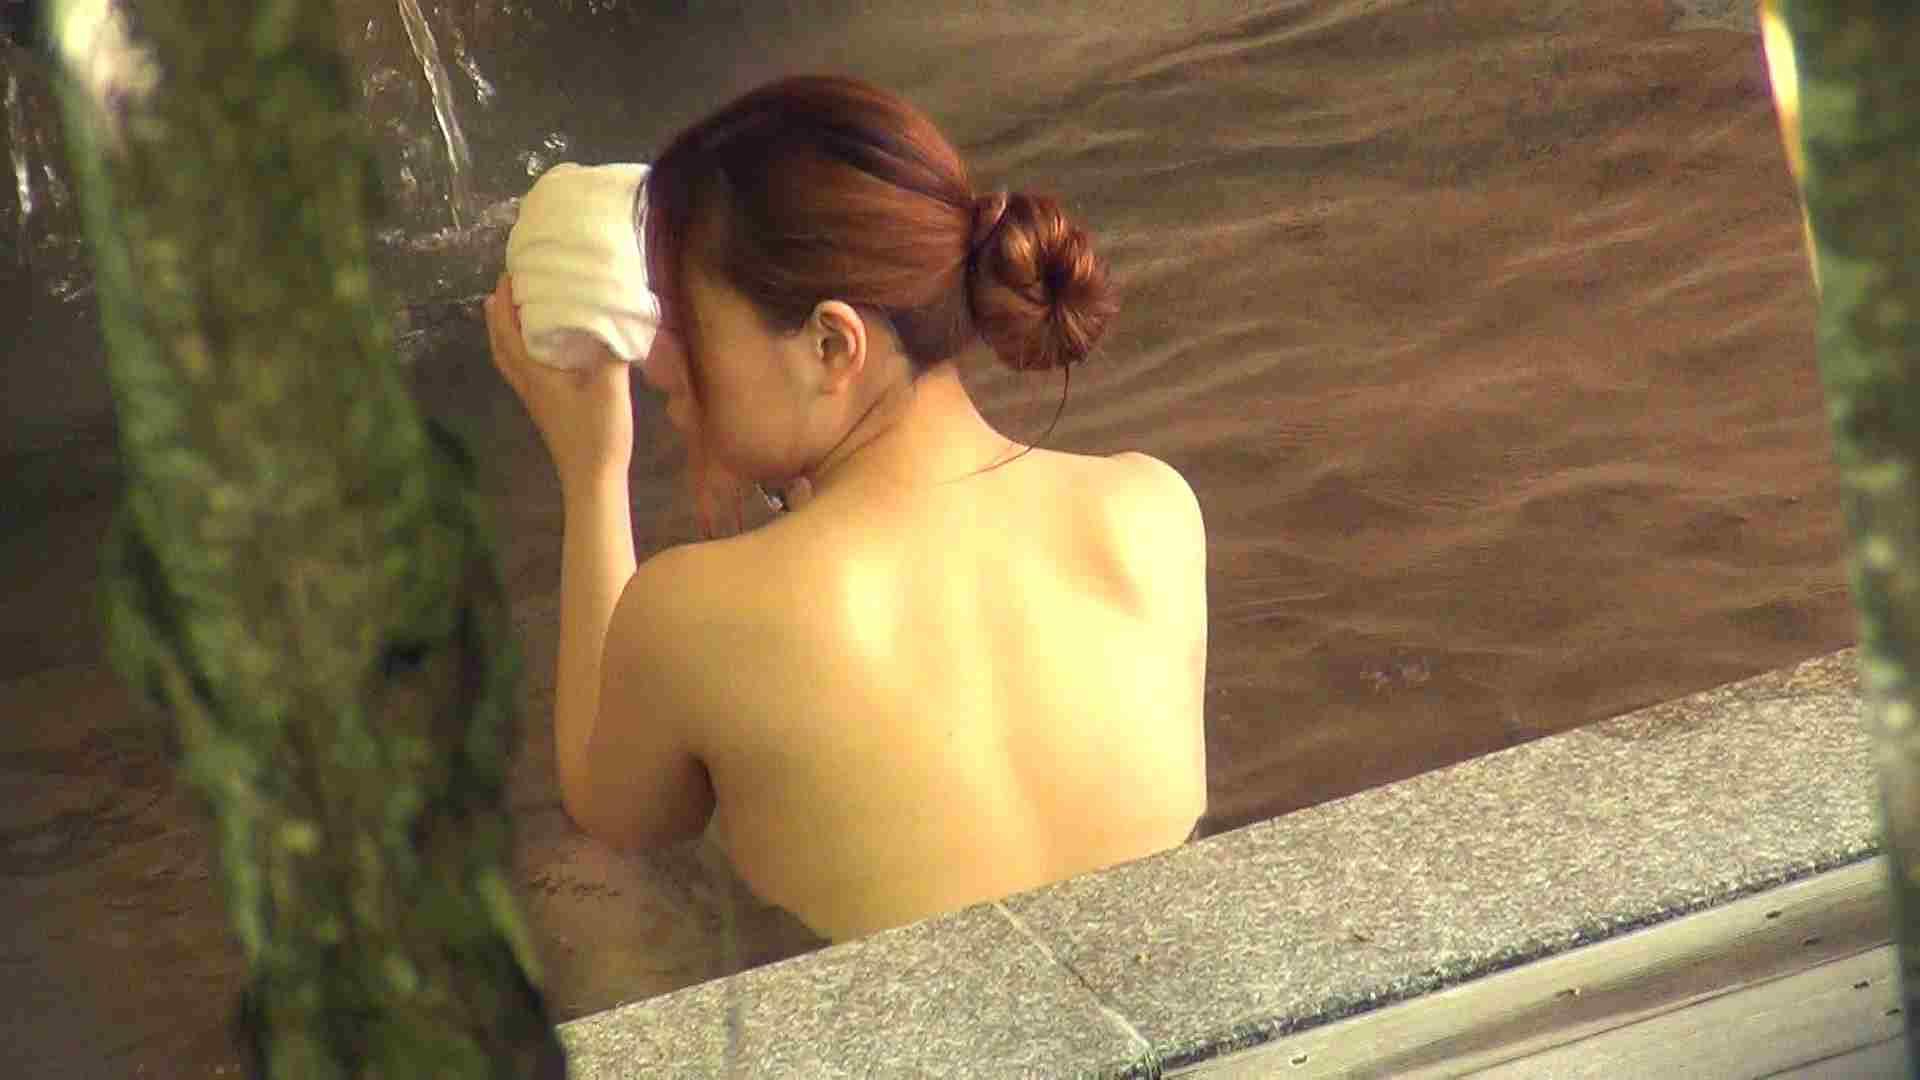 Aquaな露天風呂Vol.270 盗撮 セックス画像 75枚 29